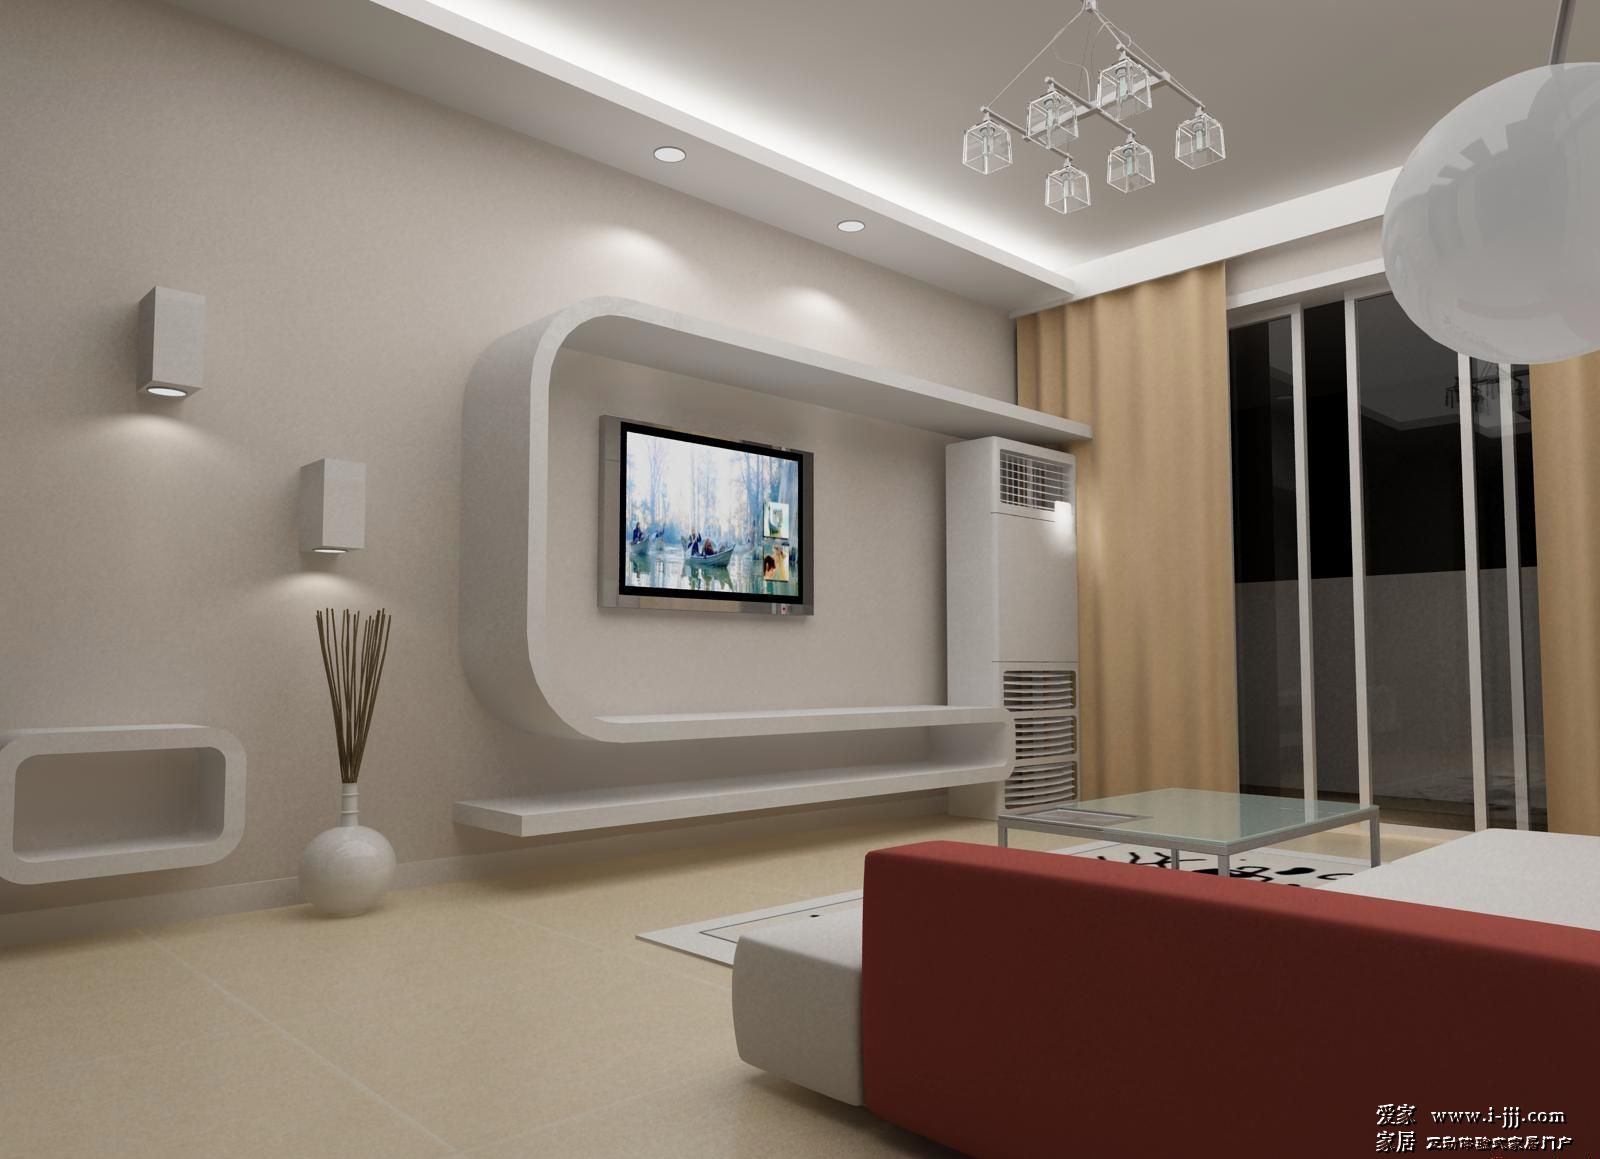 电视墙装修图片 电视墙案例 电视墙设计案例 电视墙设计图片